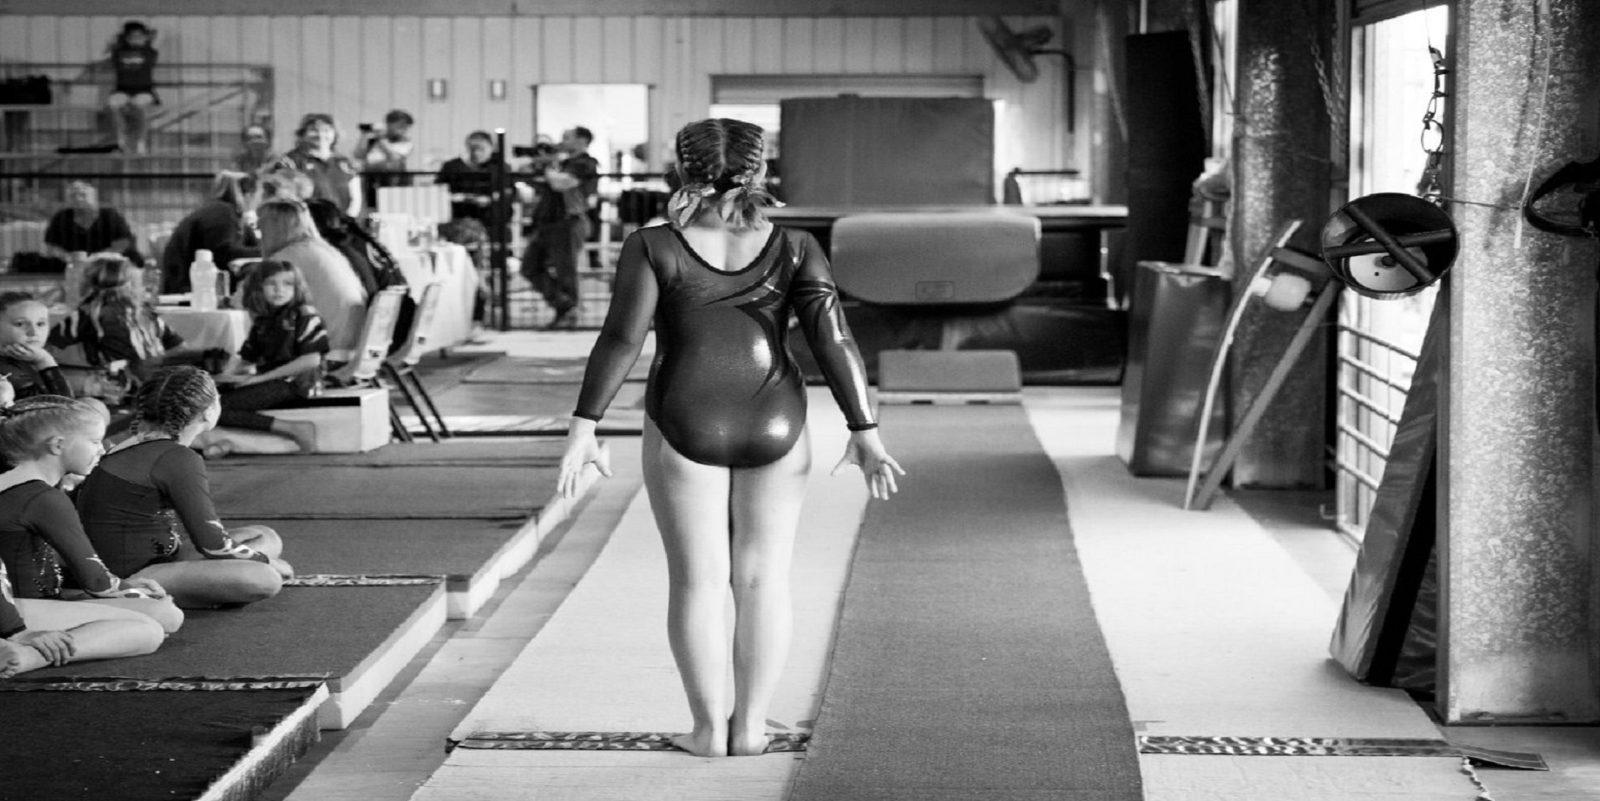 Hughenden Gymnastics